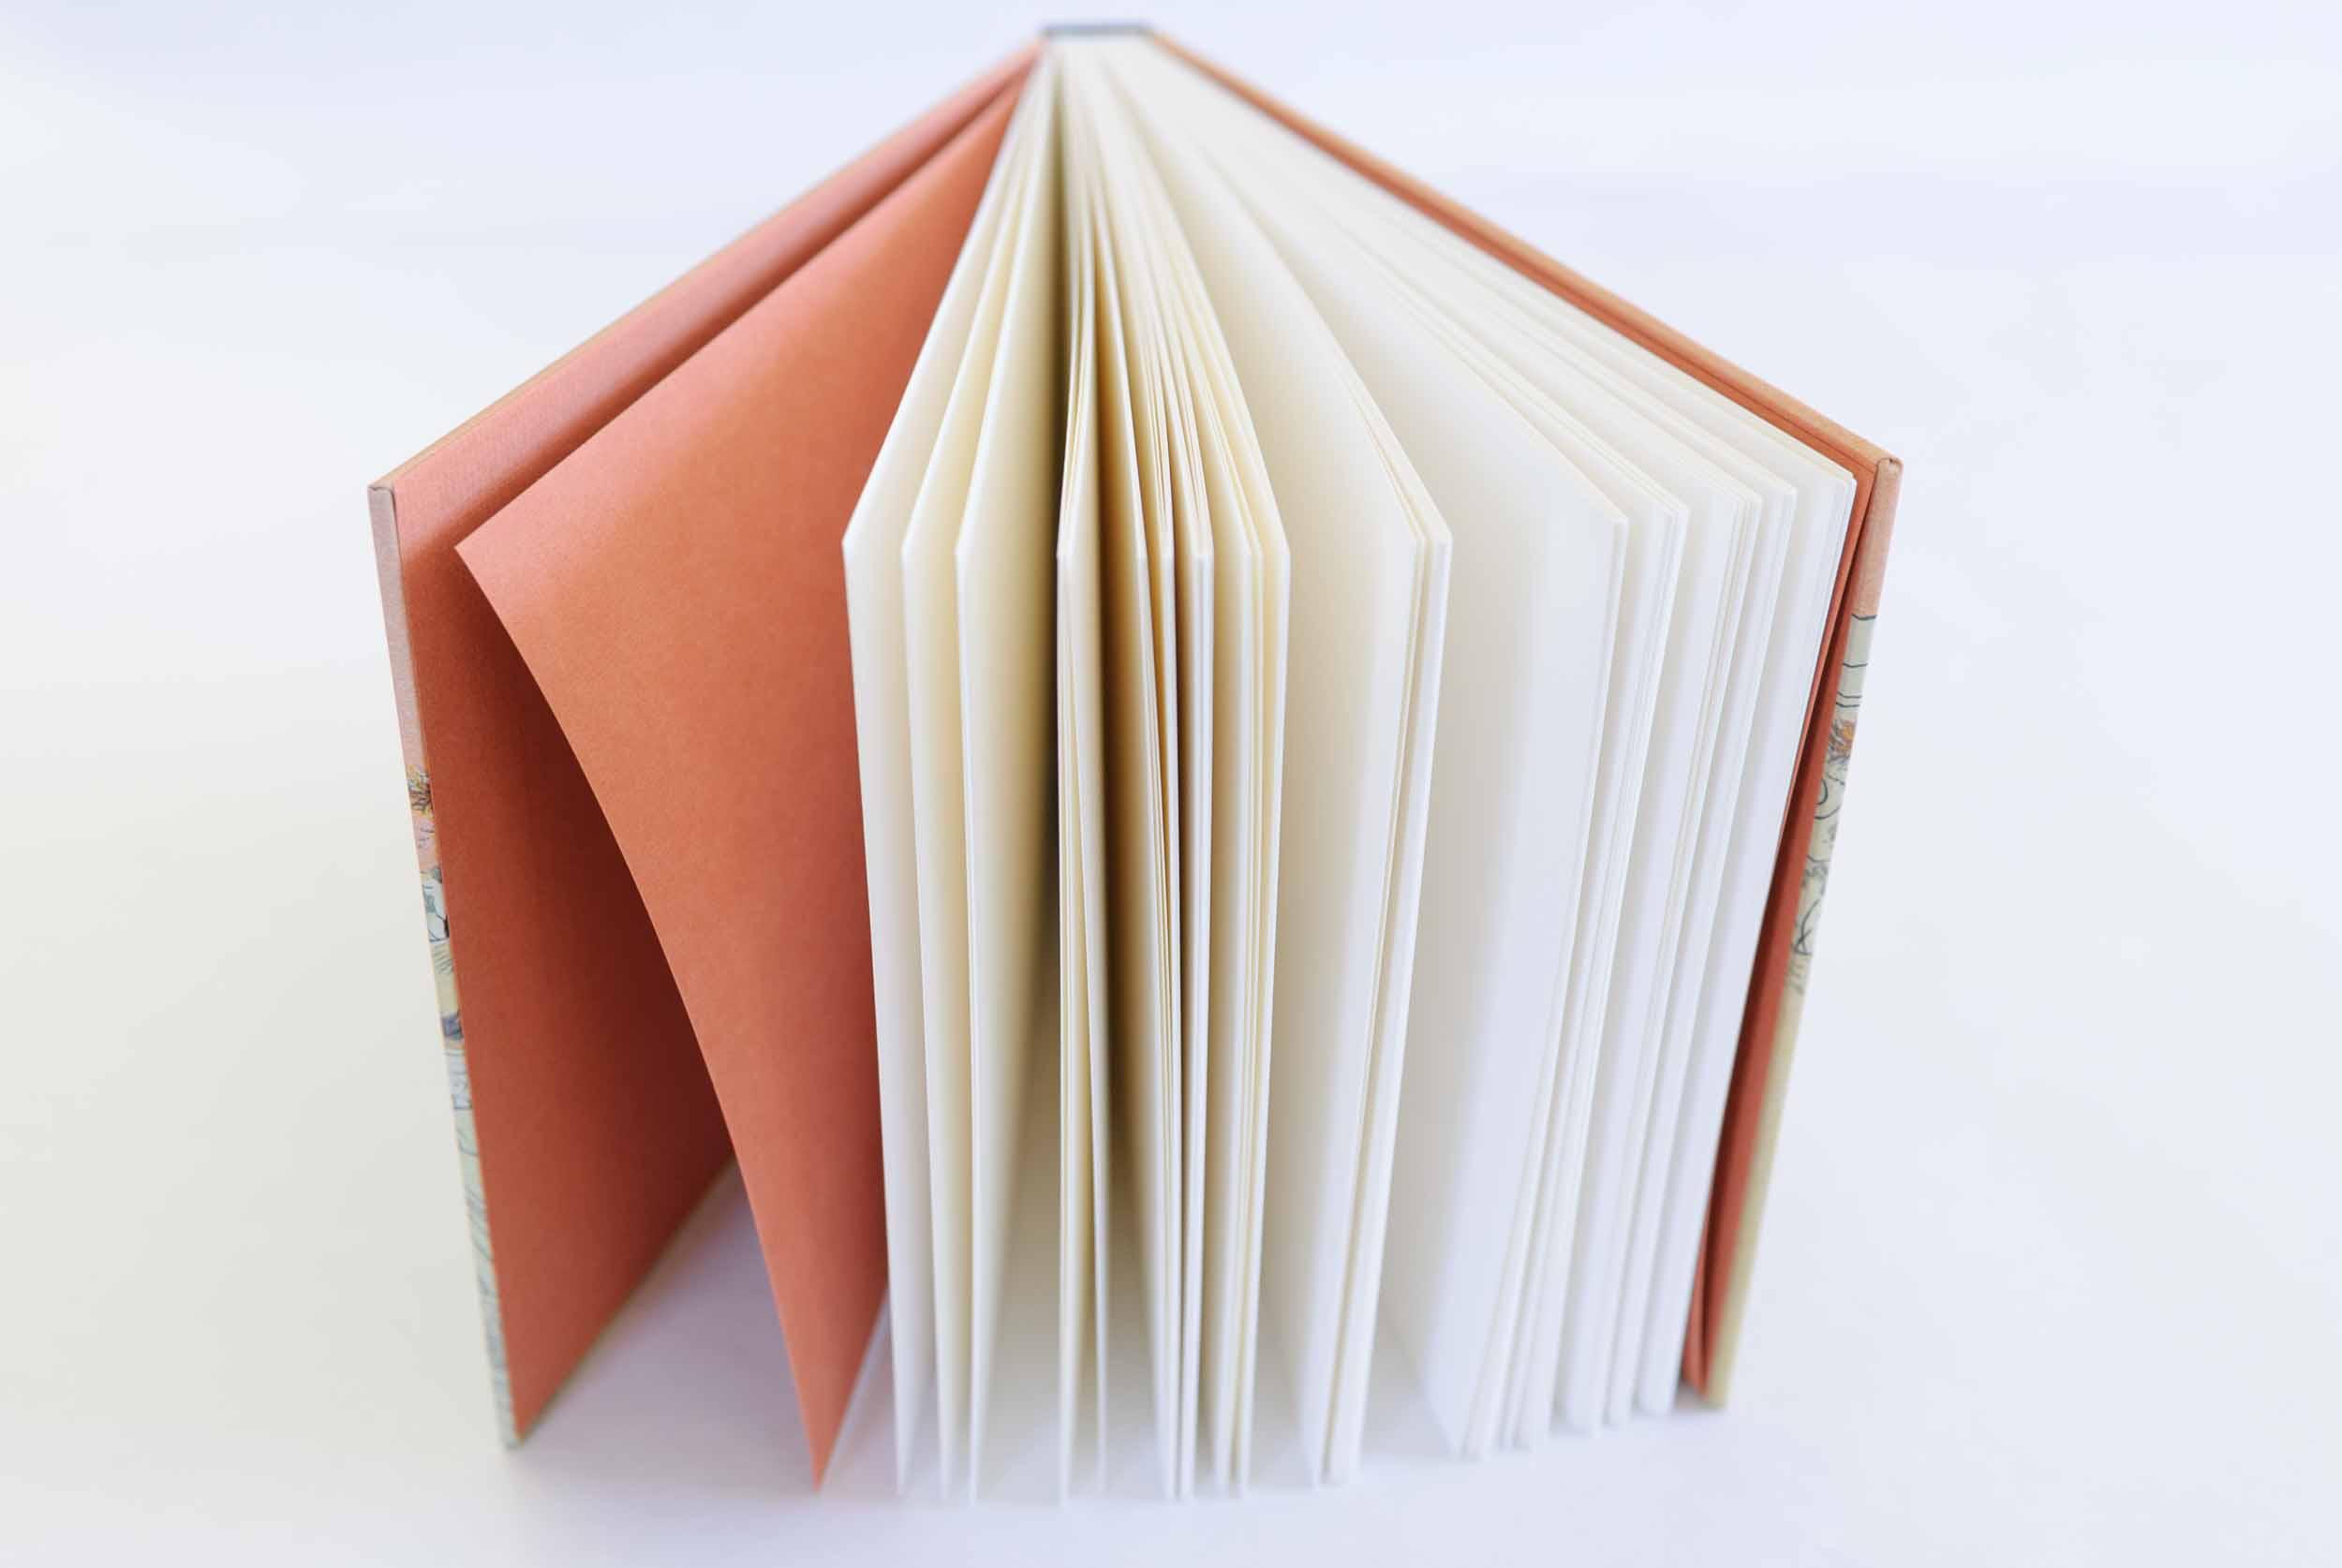 Sketchbook format, design 2 (Girl by the brook)